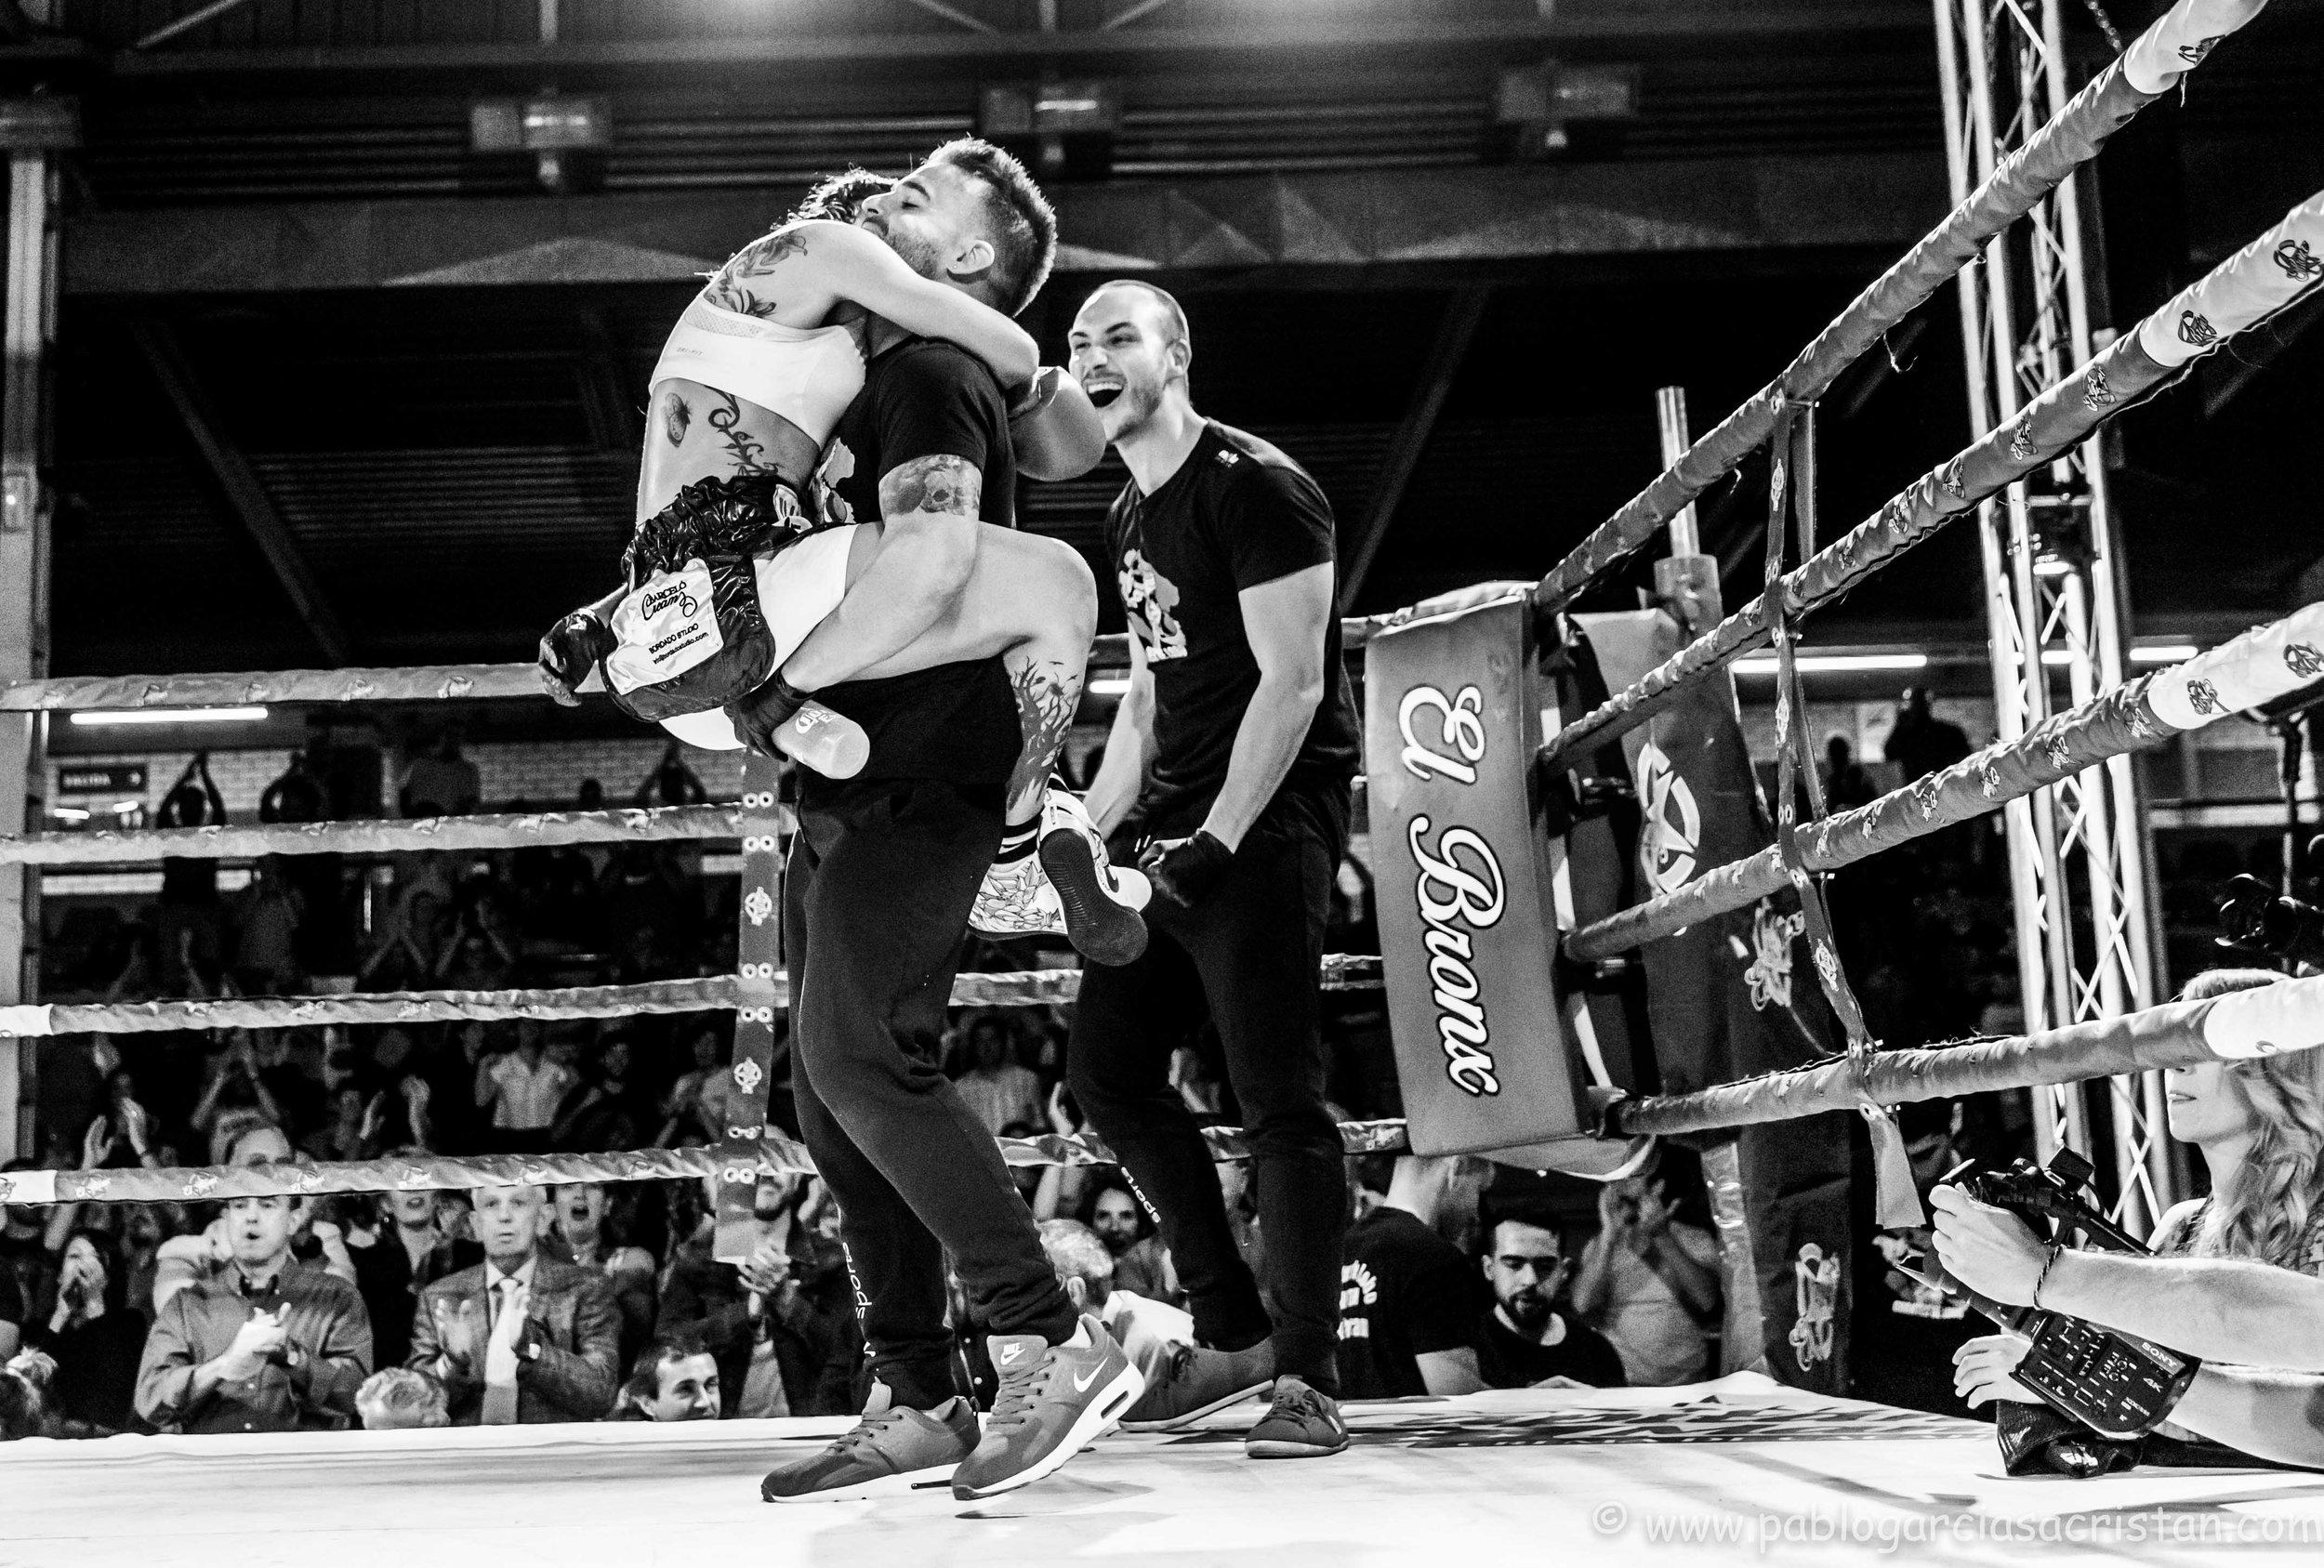 boxeo blanco y negro_21.jpg